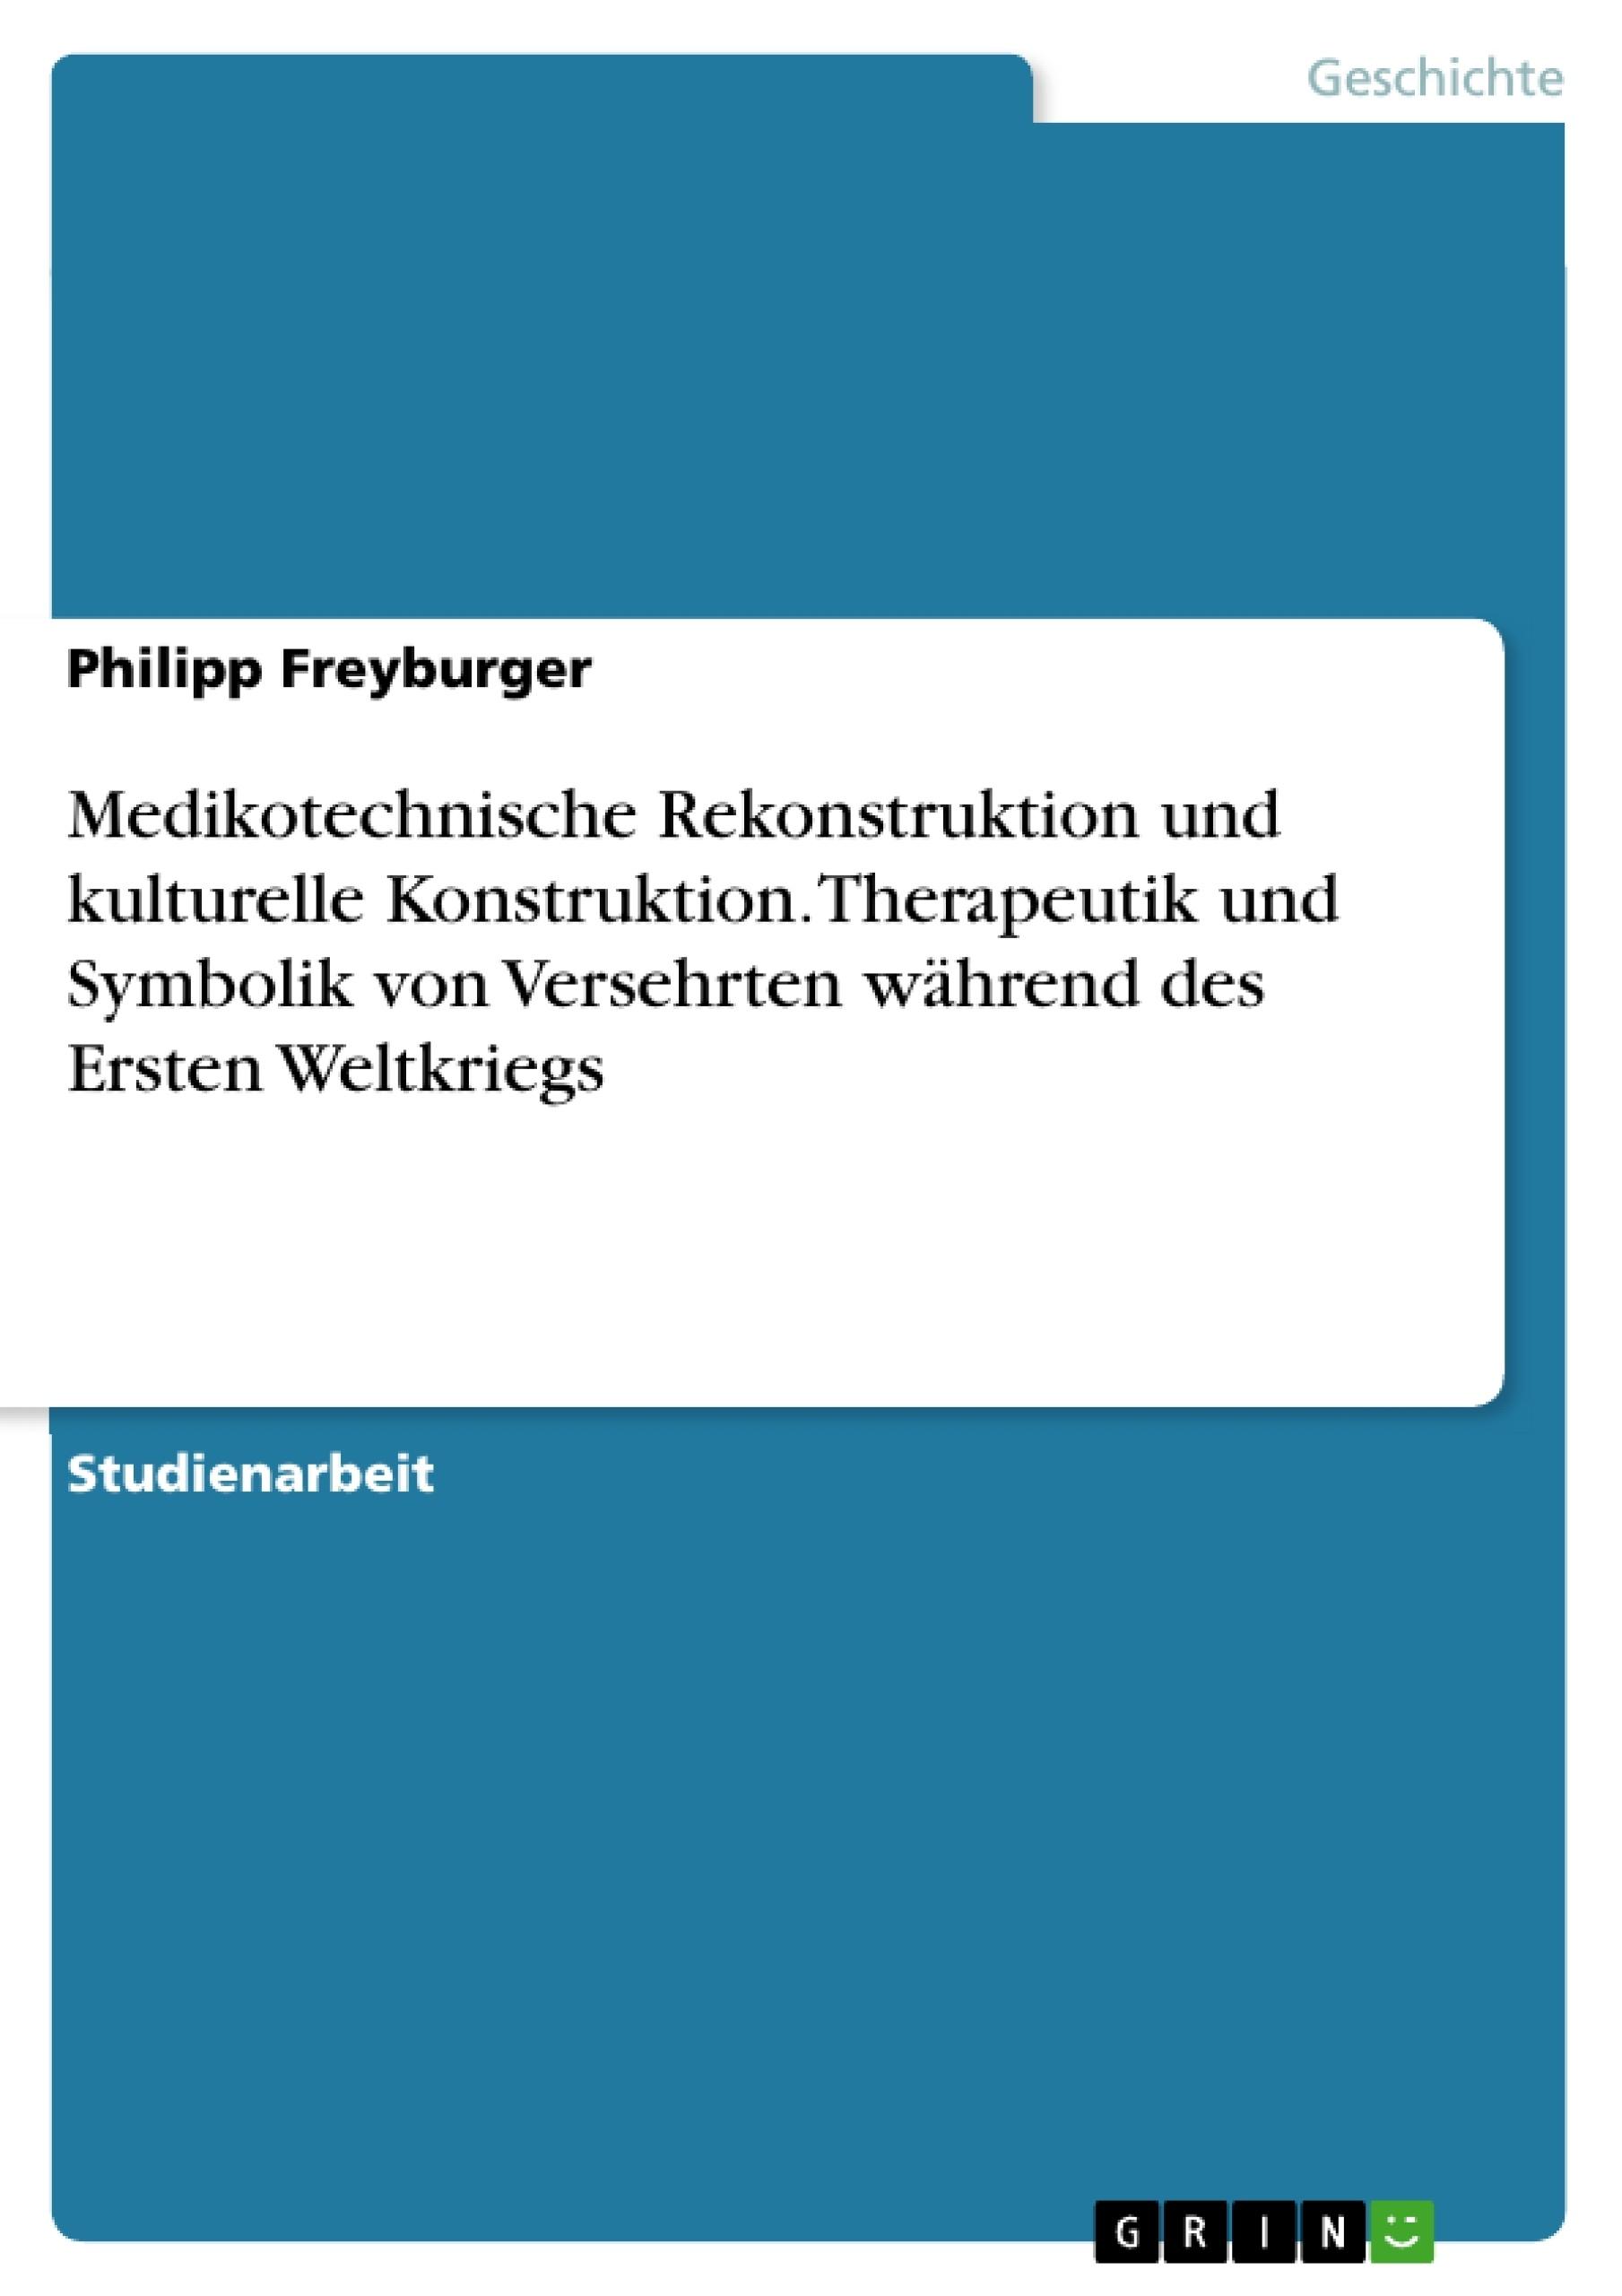 Titel: Medikotechnische Rekonstruktion und kulturelle Konstruktion. Therapeutik und Symbolik von Versehrten während des Ersten Weltkriegs